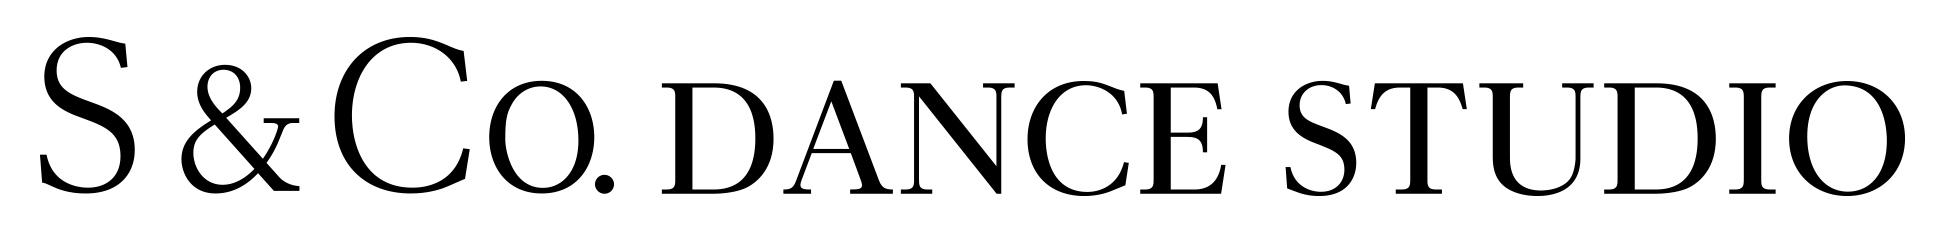 sandco